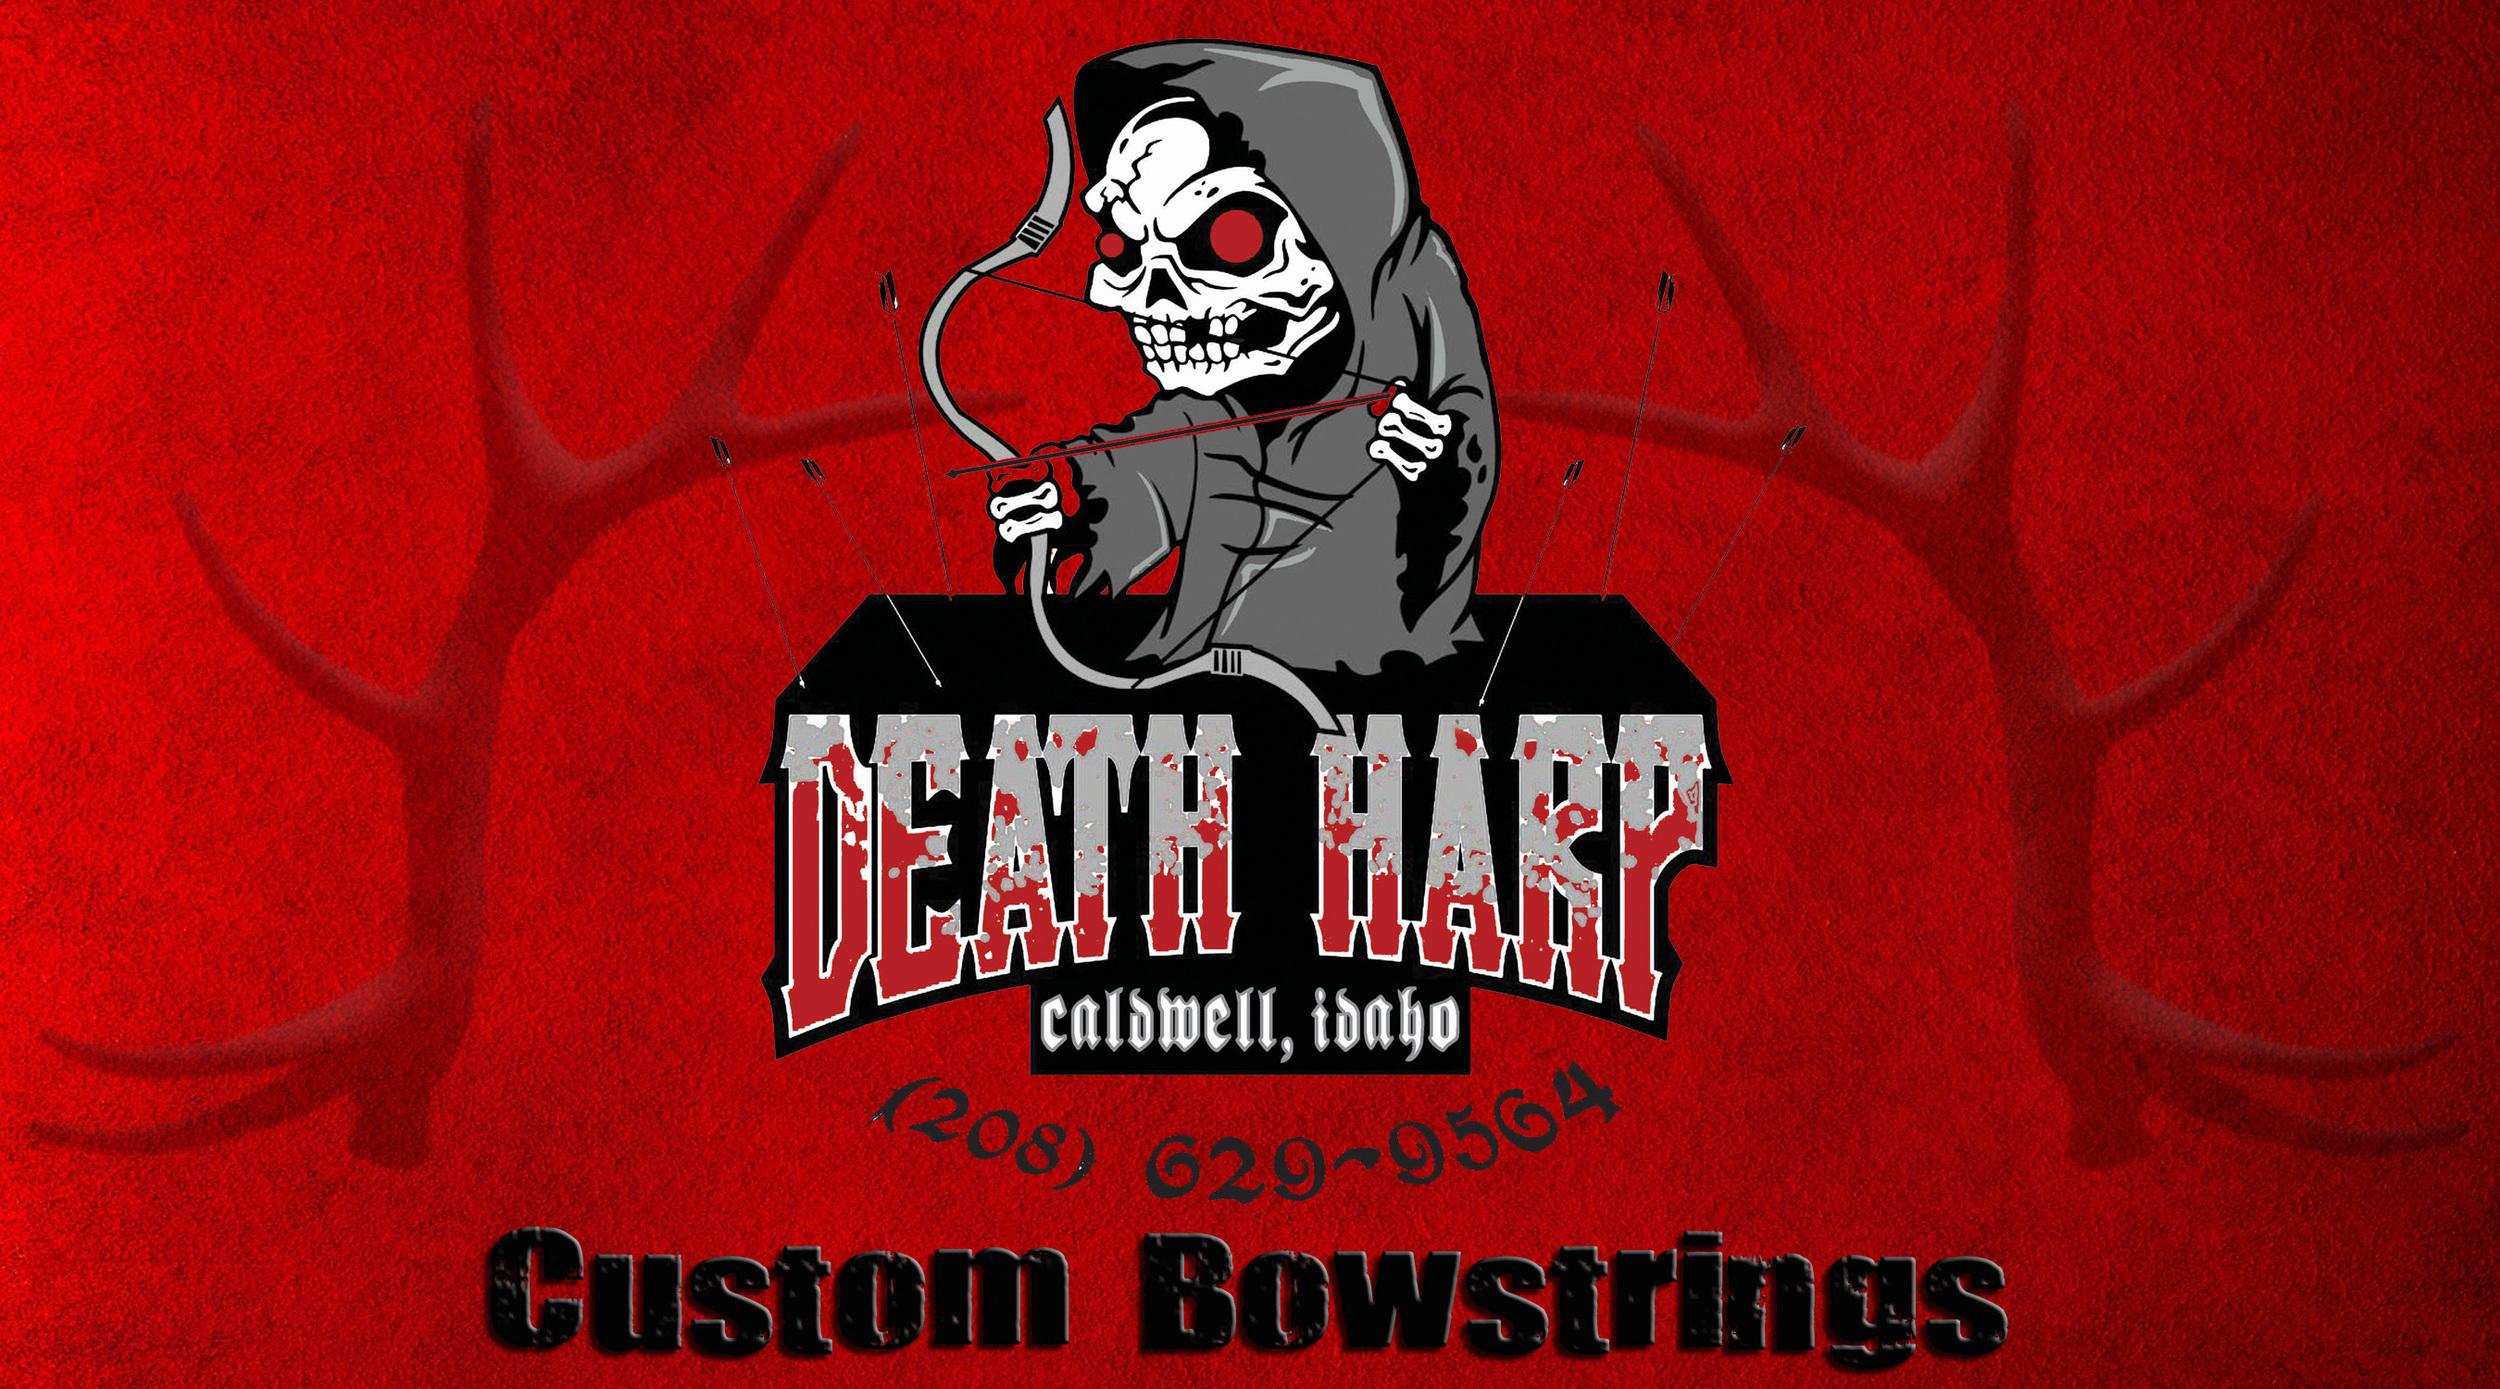 Deathharp ad.jpg